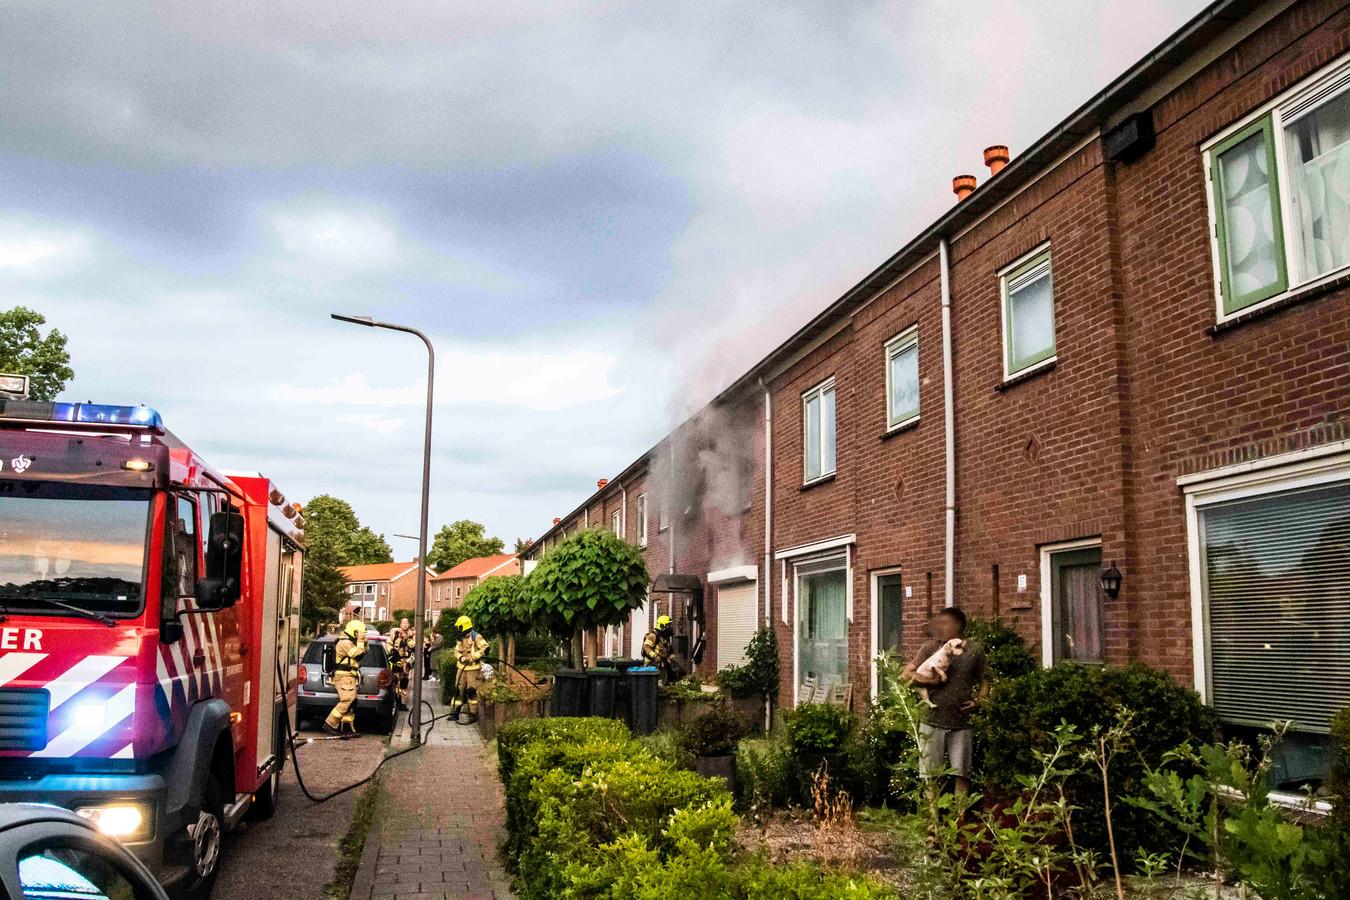 Vier van de dertien honden hebben een brand in een woning aan de Dr. Kuyperstraat in Dieren niet overleefd. De andere dieren zijn gered door de bewoners en brandweerlieden.